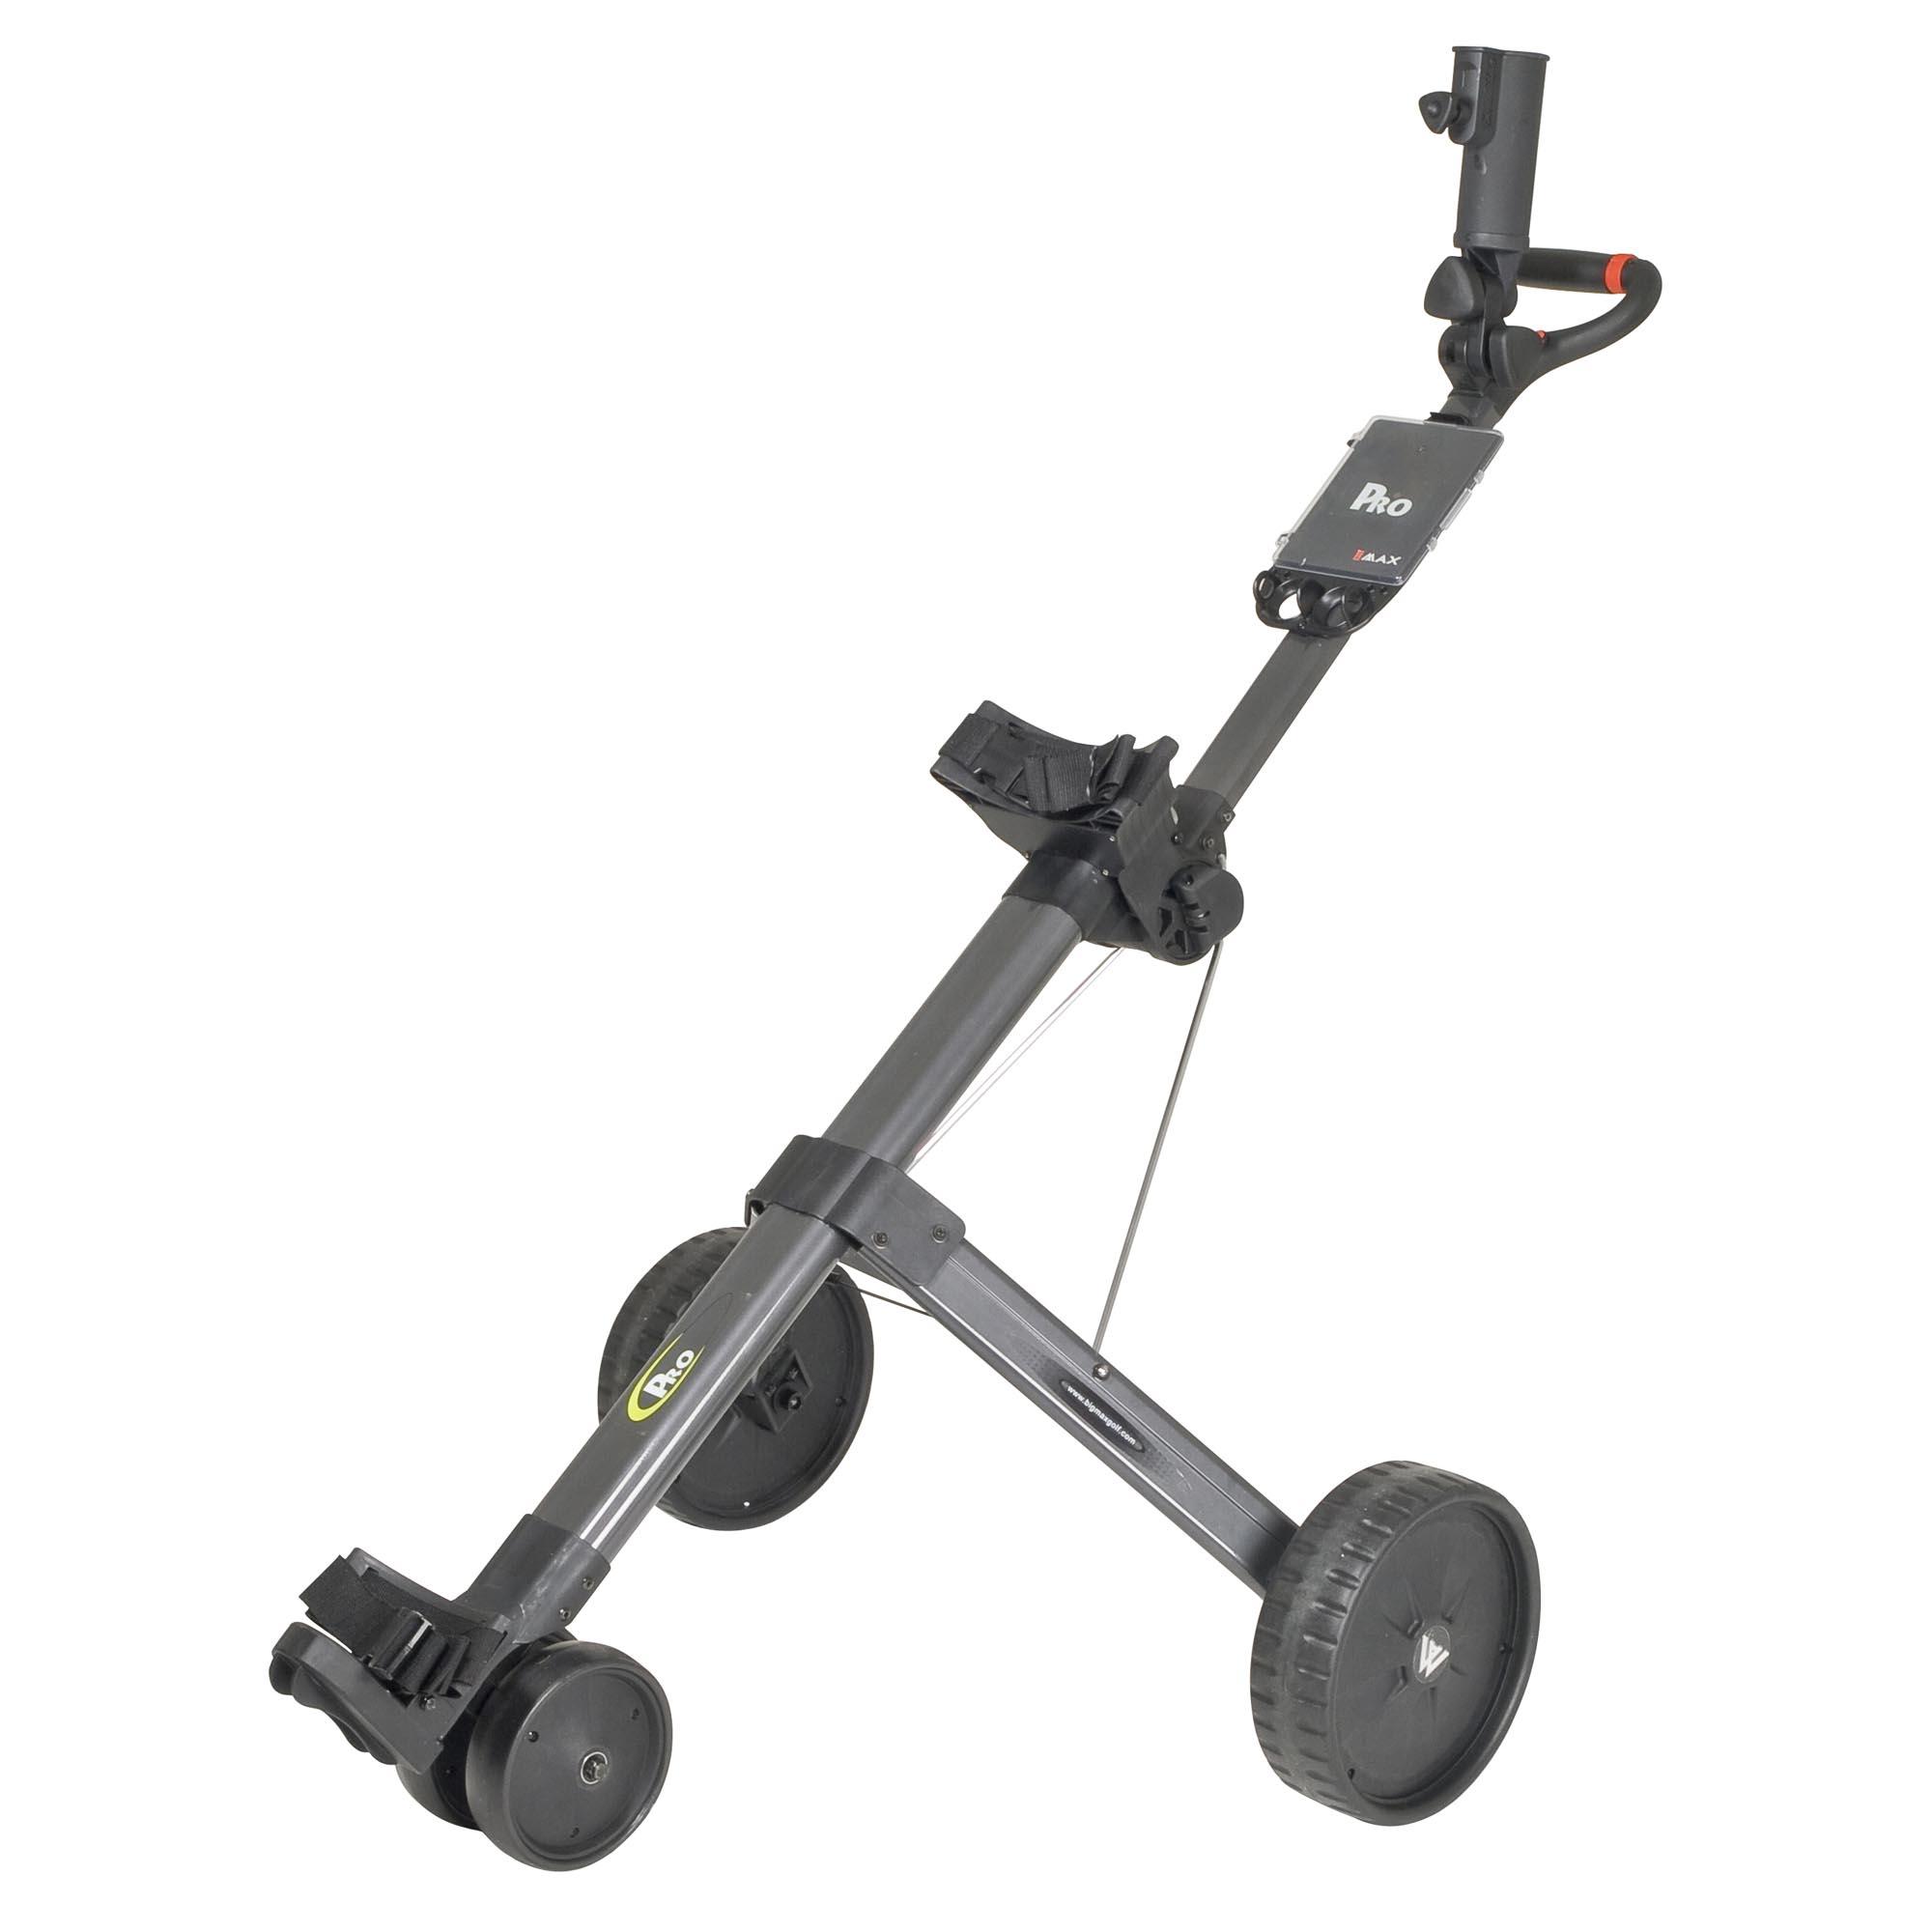 Big Max Pro Electric Golf Trolley  Black